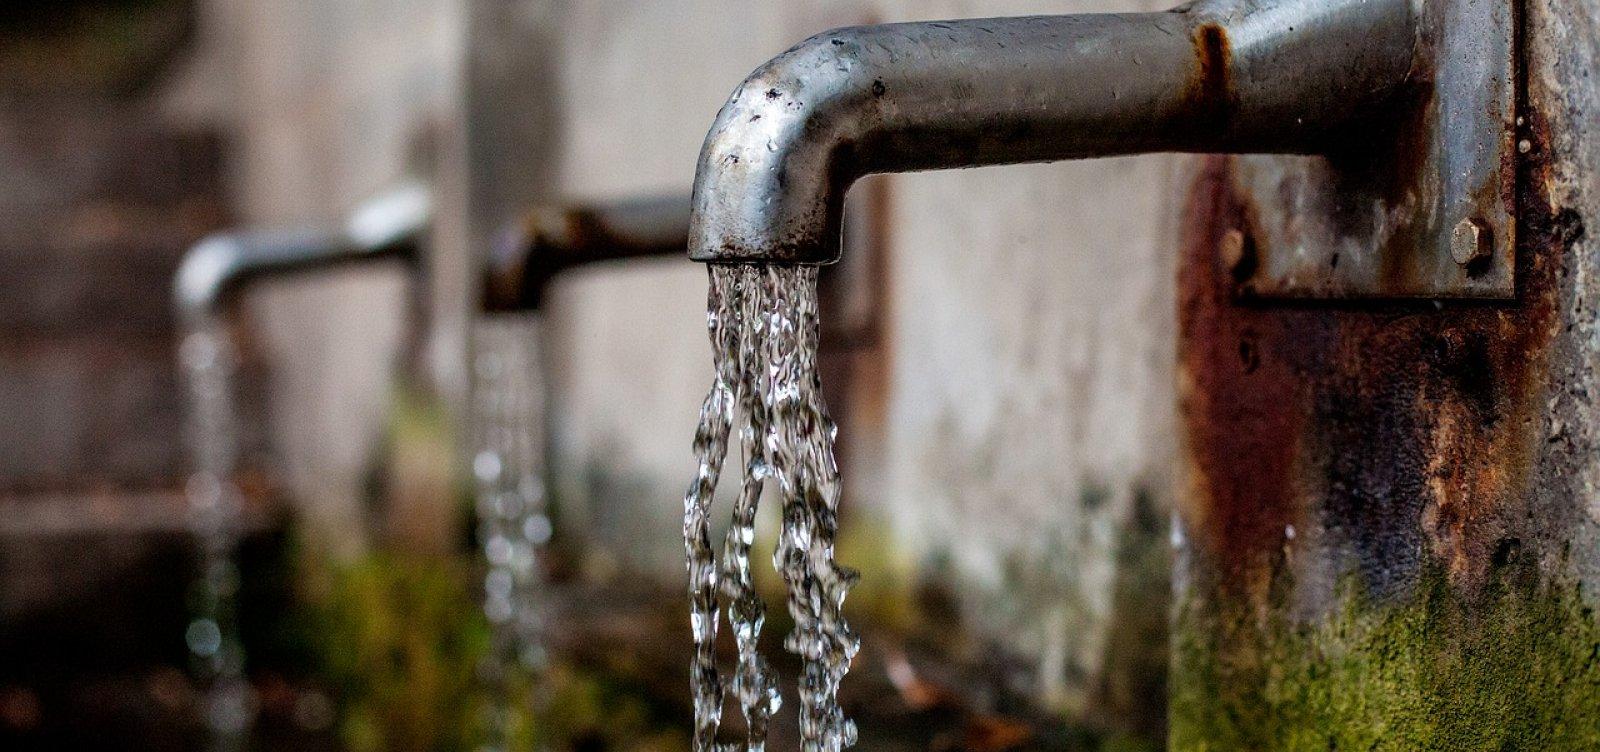 Embasa retoma abastecimento de água após manutenção afetar 21 bairros